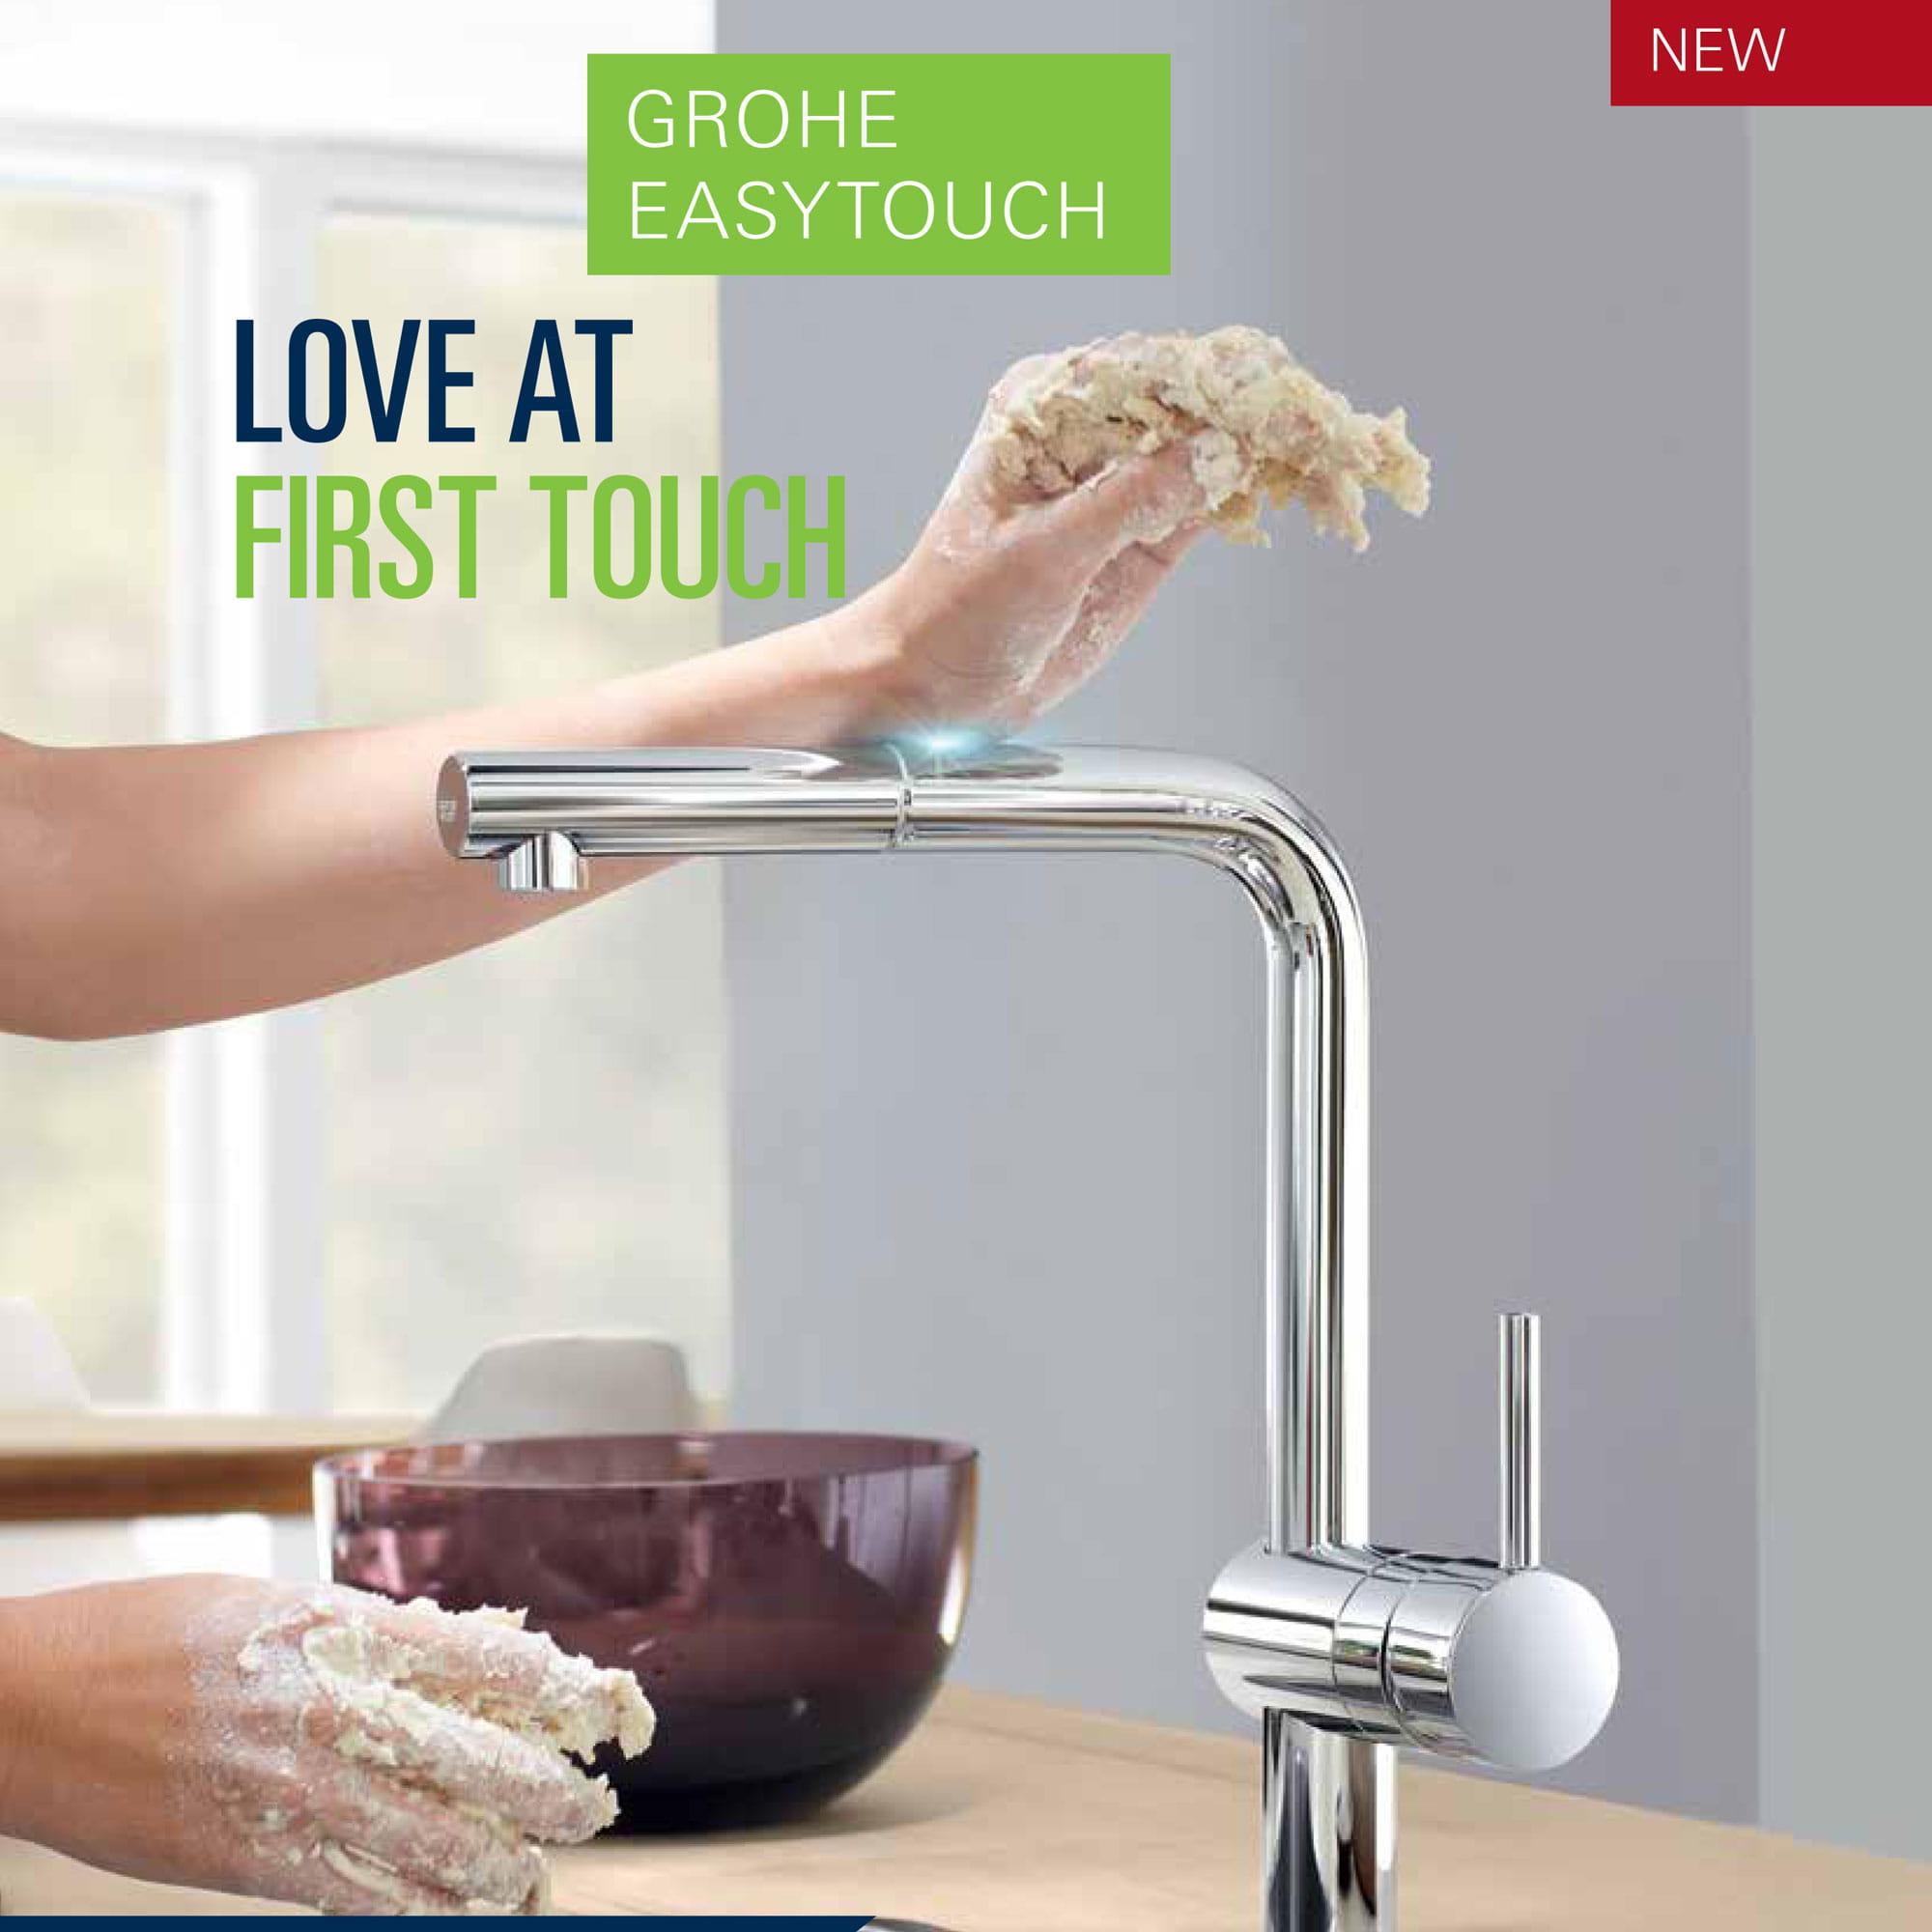 Faucet et mains sales à l'aide de la fuction Grohe Easy Touch